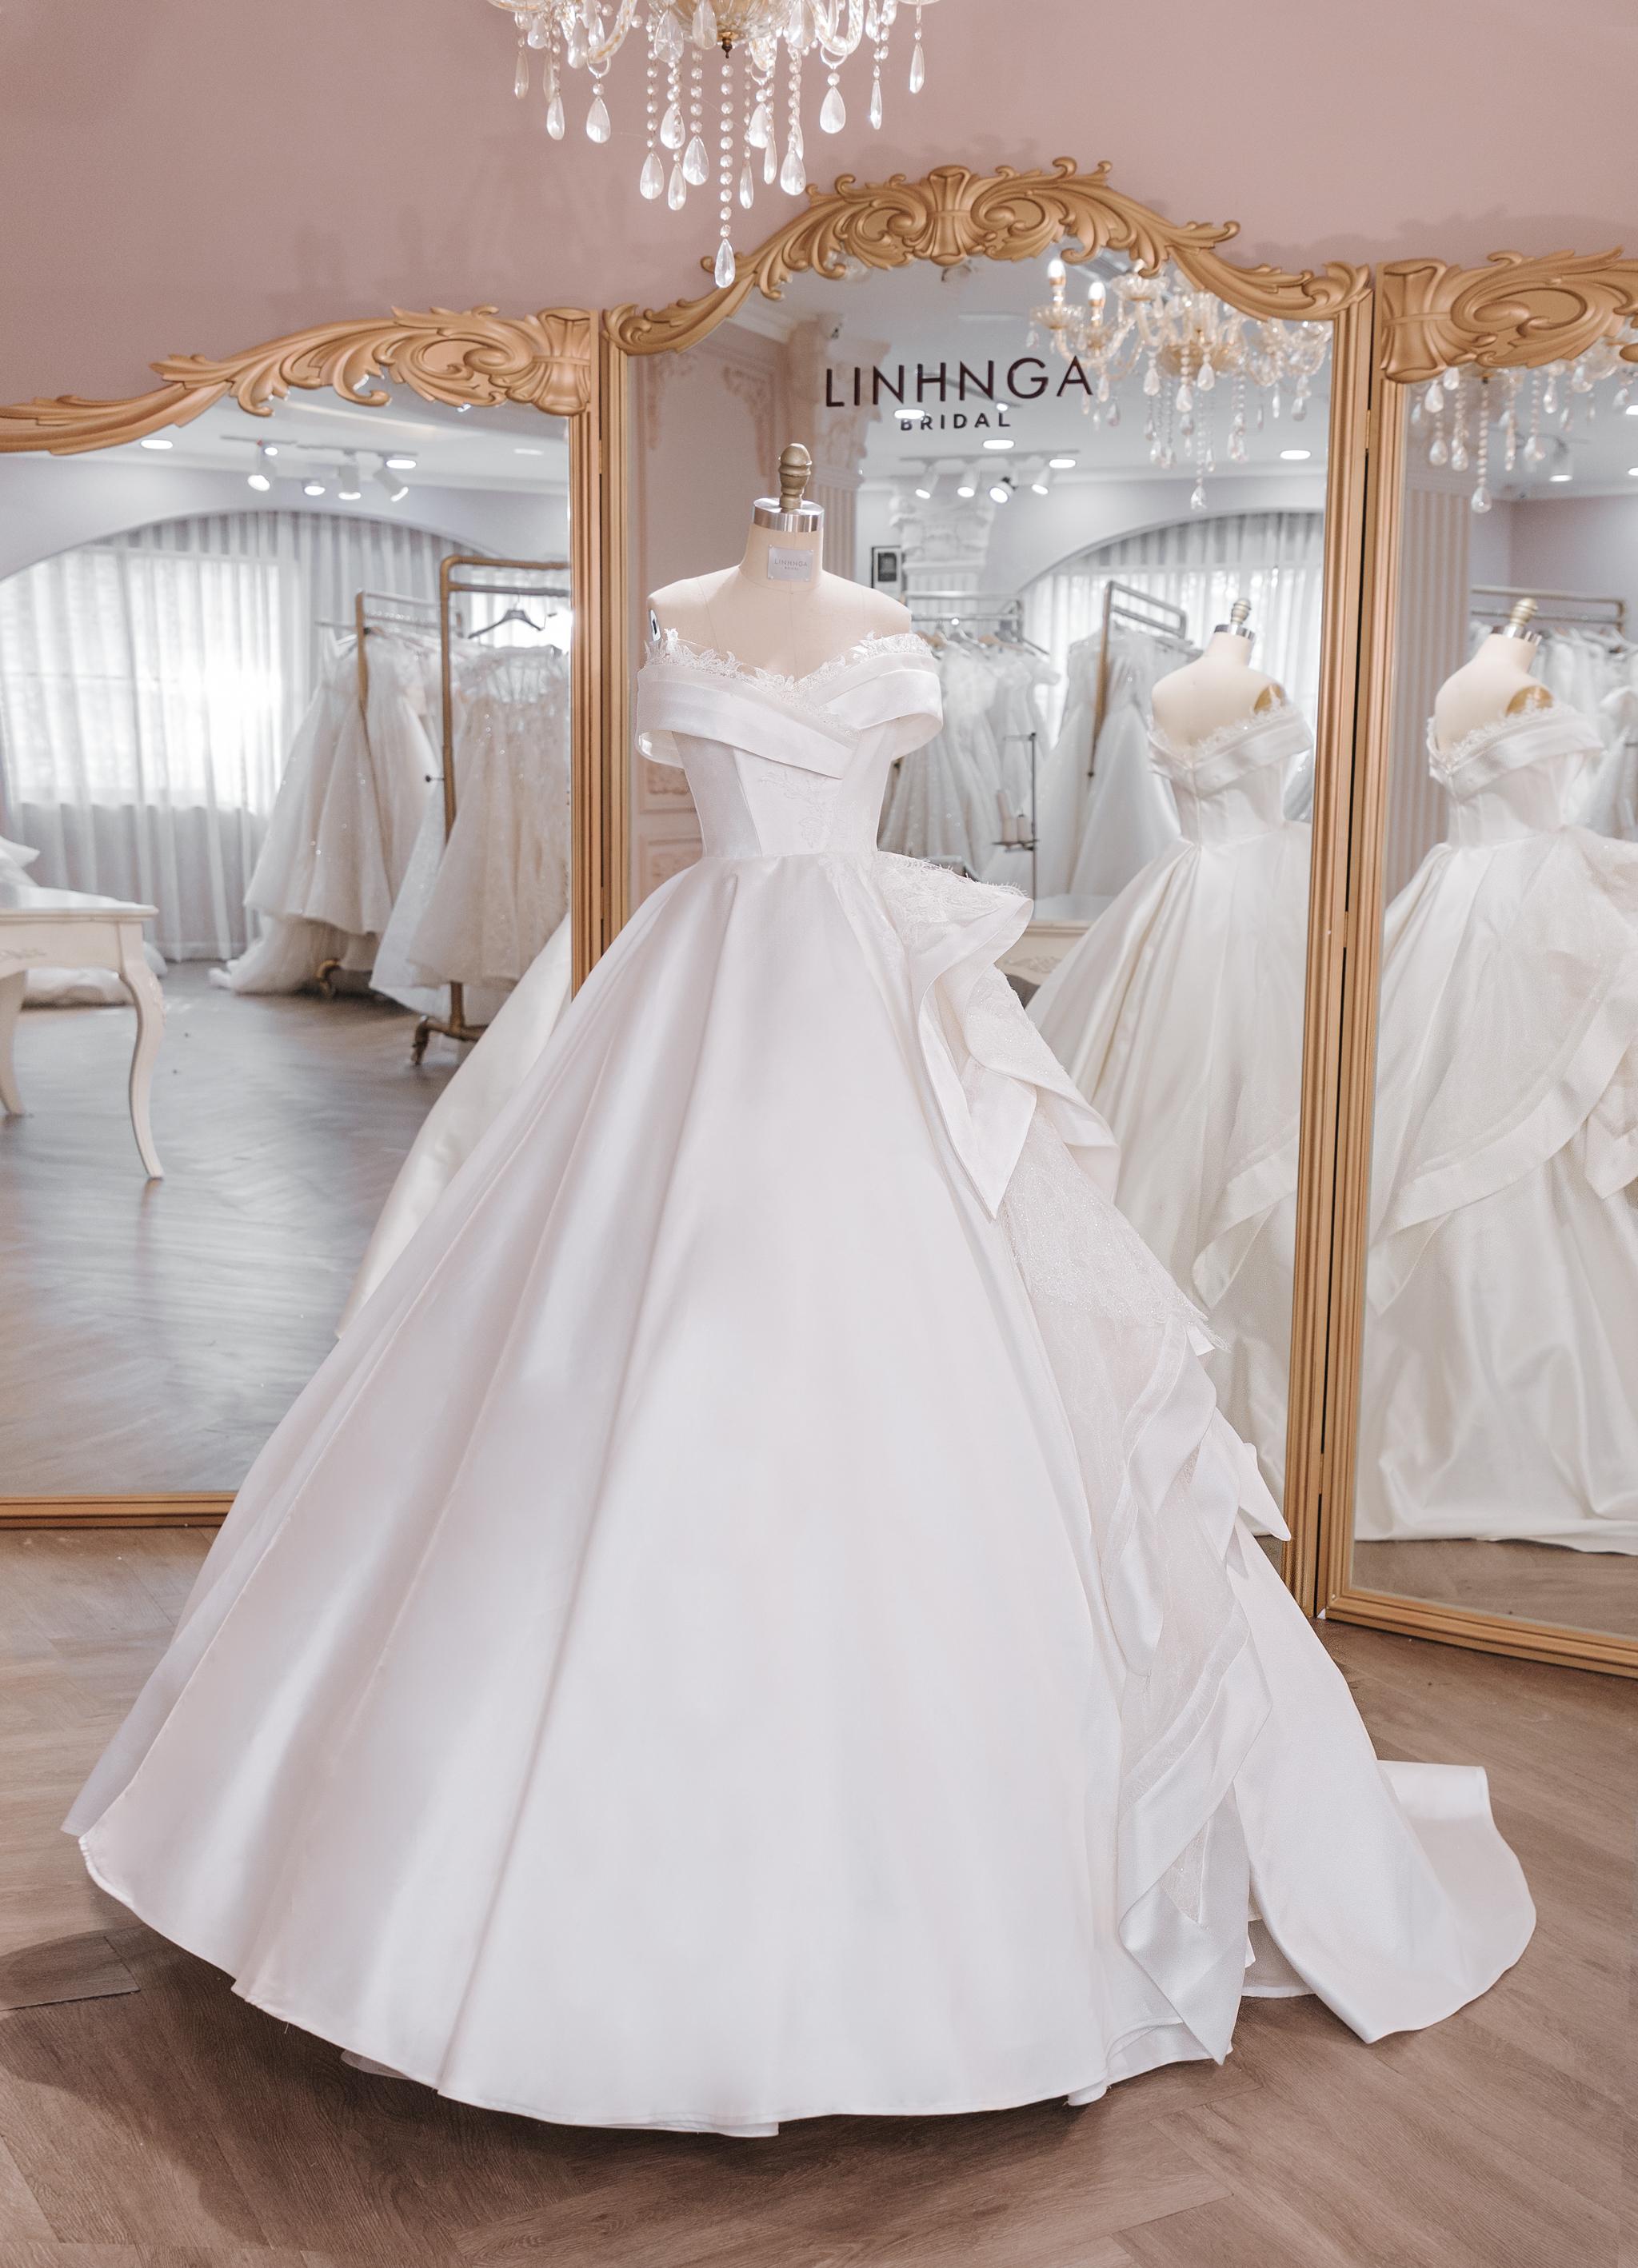 Trước giờ G, ngắm nhìn 1 trong 3 chiếc váy cưới của Á hậu Thúy Vân: Lộng lẫy chuẩn váy cưới của mọi cô gái. - Ảnh 2.